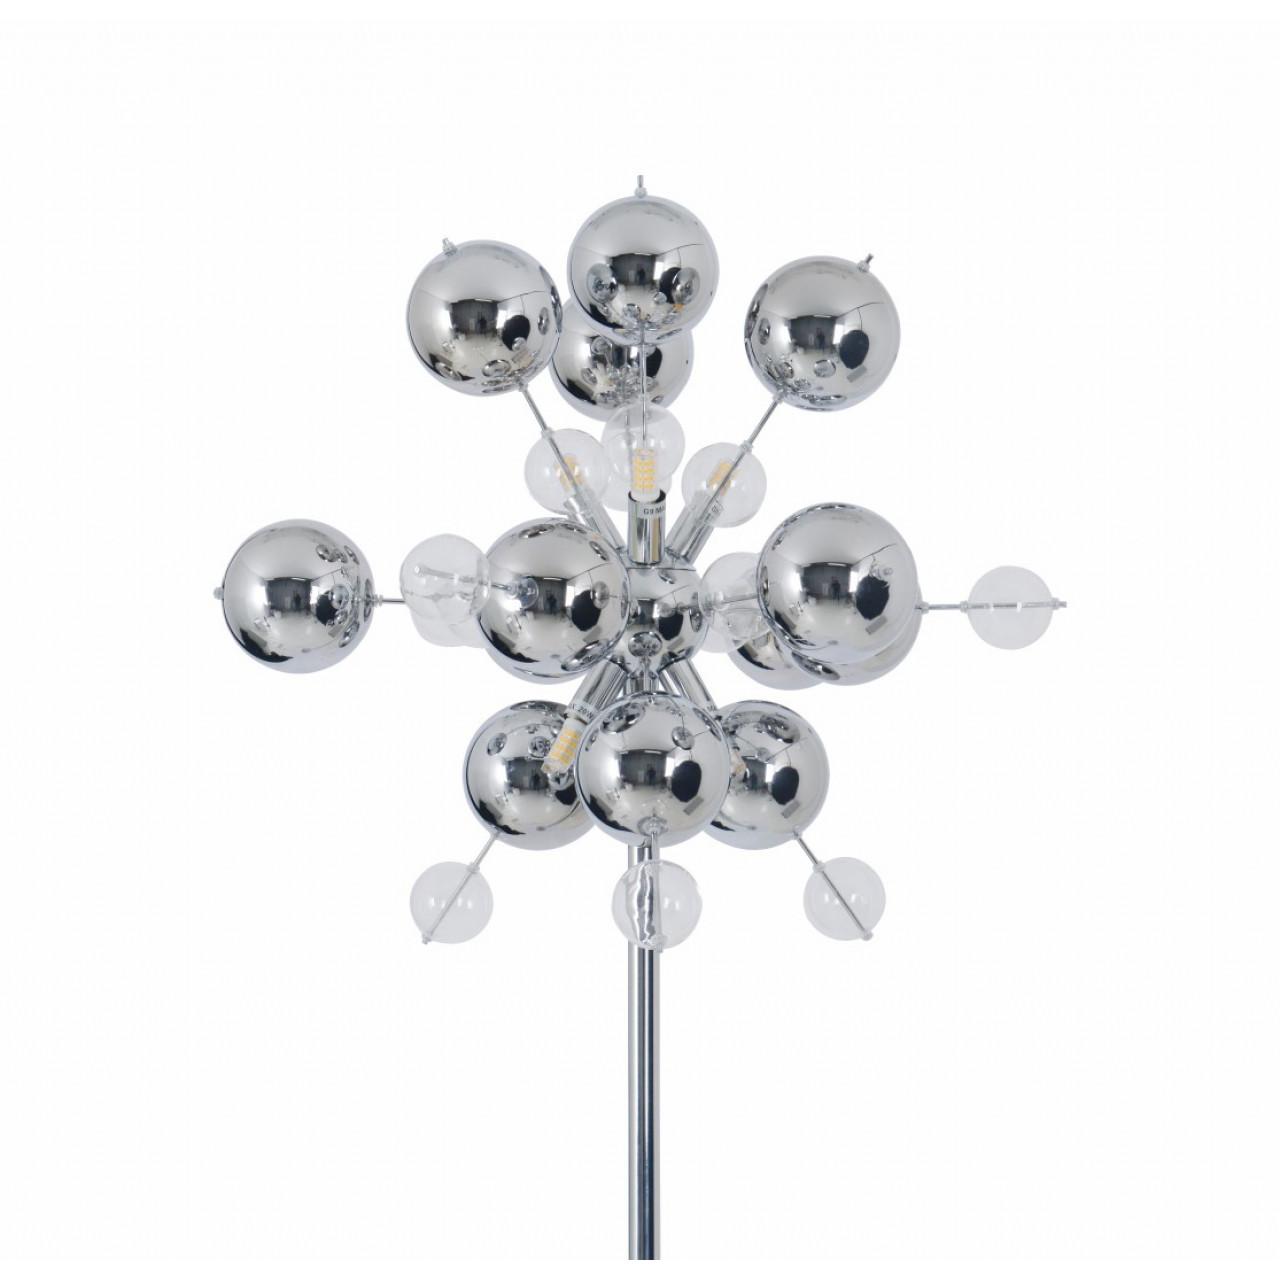 Stehlampen-Explosion   Chrom